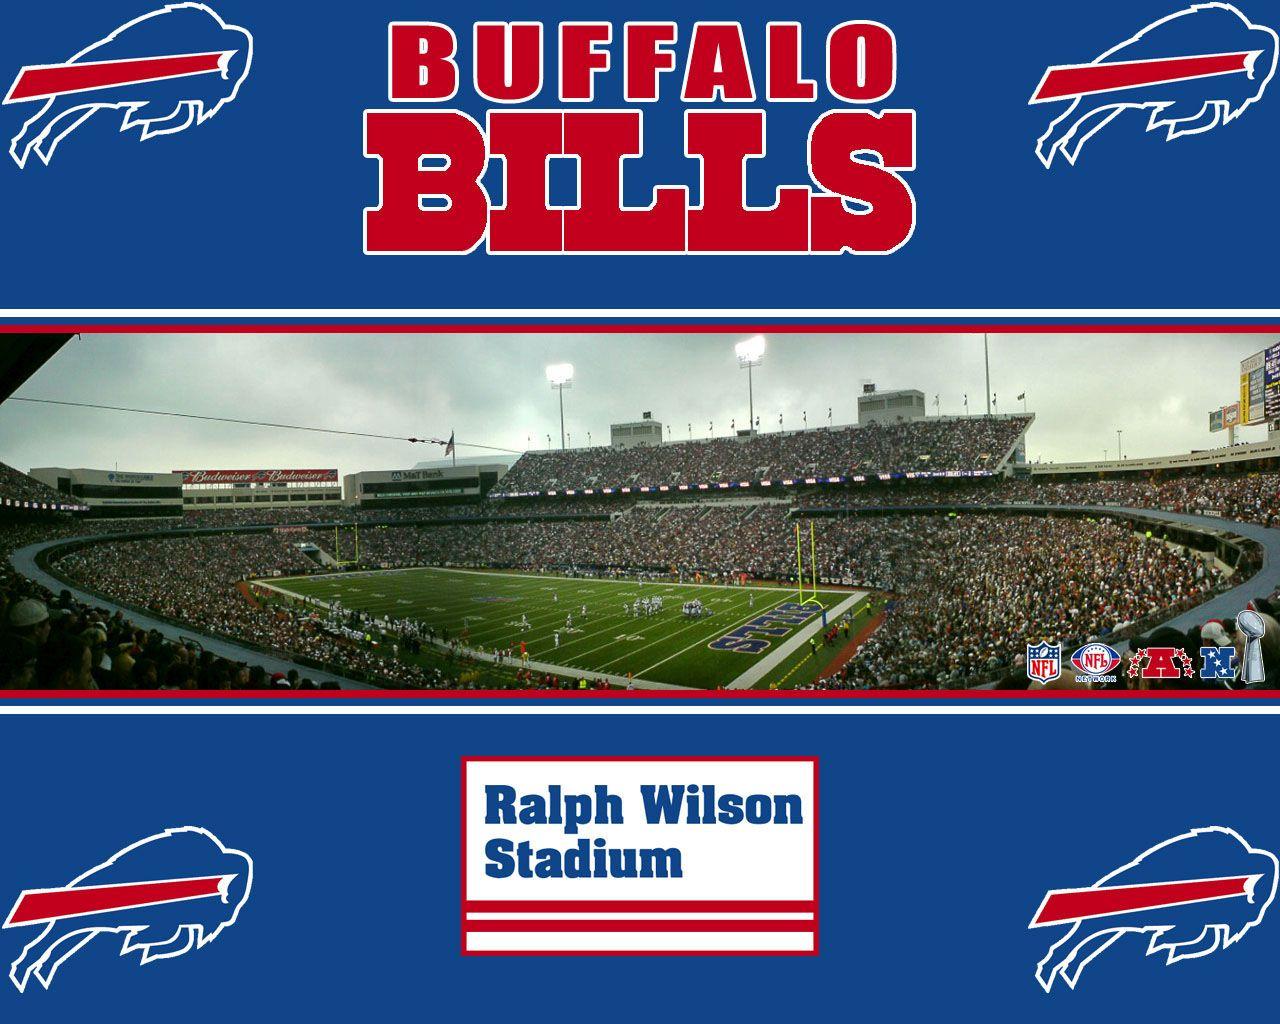 http://4.bp.blogspot.com/-eR4EsM3eVYg/UCFTRzeniCI/AAAAAAAABws/0wQzS-5RX8U/s1600/buffalo_bills_ralph_wilson_stadium_wallpaper.jpg